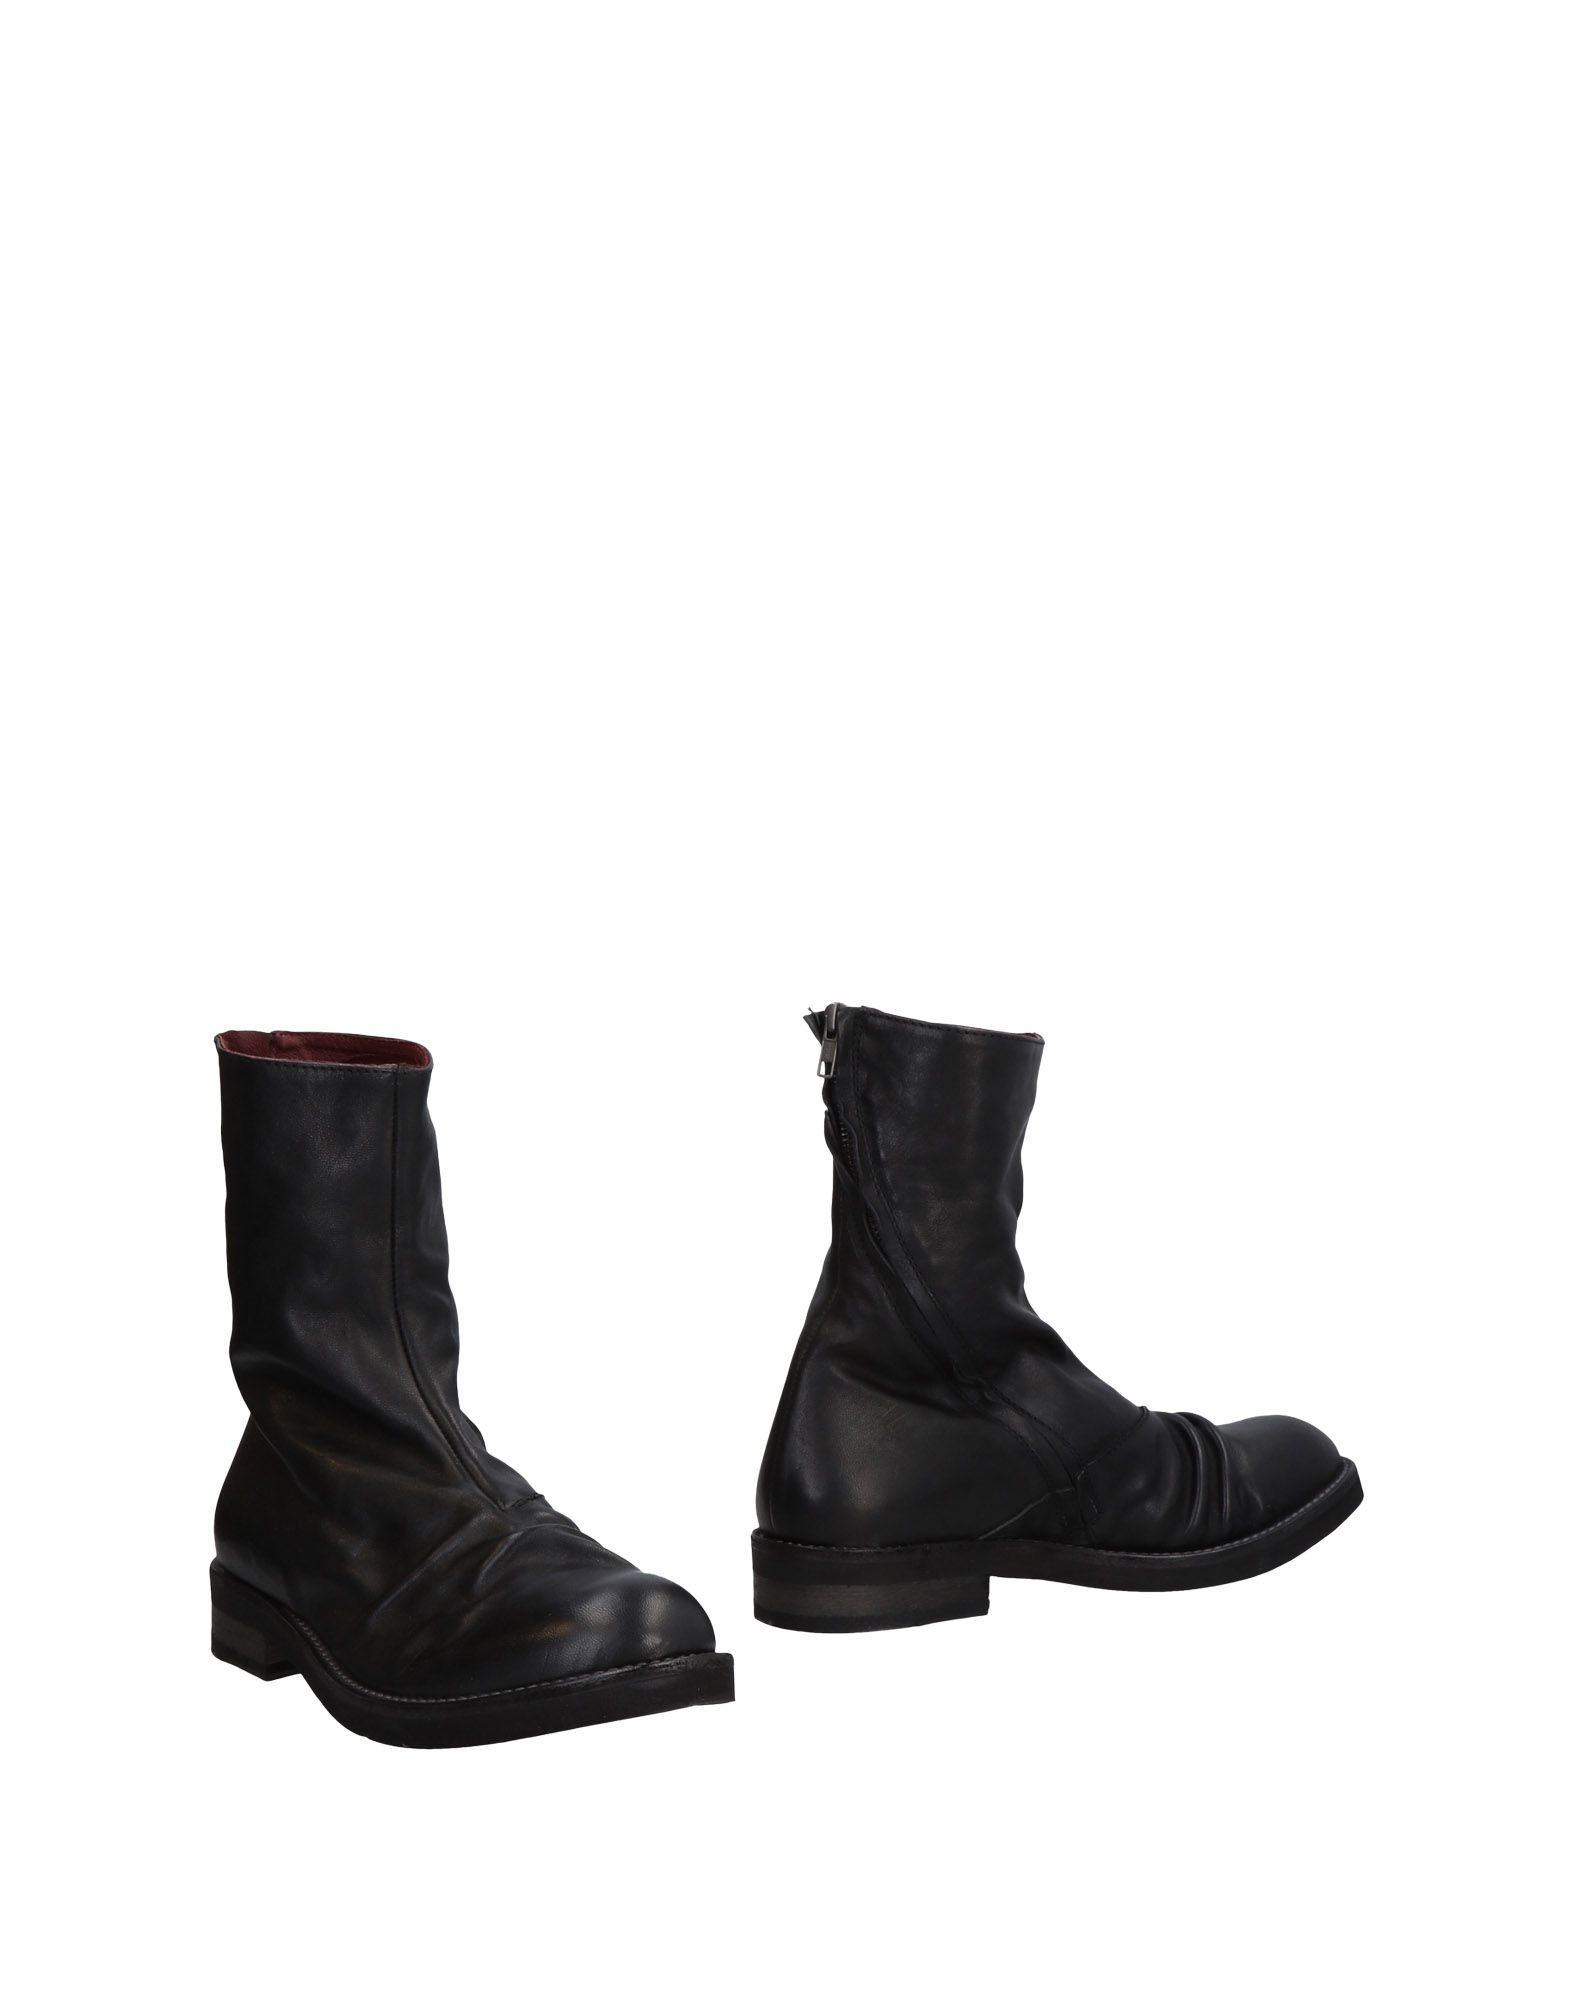 Giorgio Brato Stiefelette Herren  11461606OS Gute Qualität beliebte Schuhe